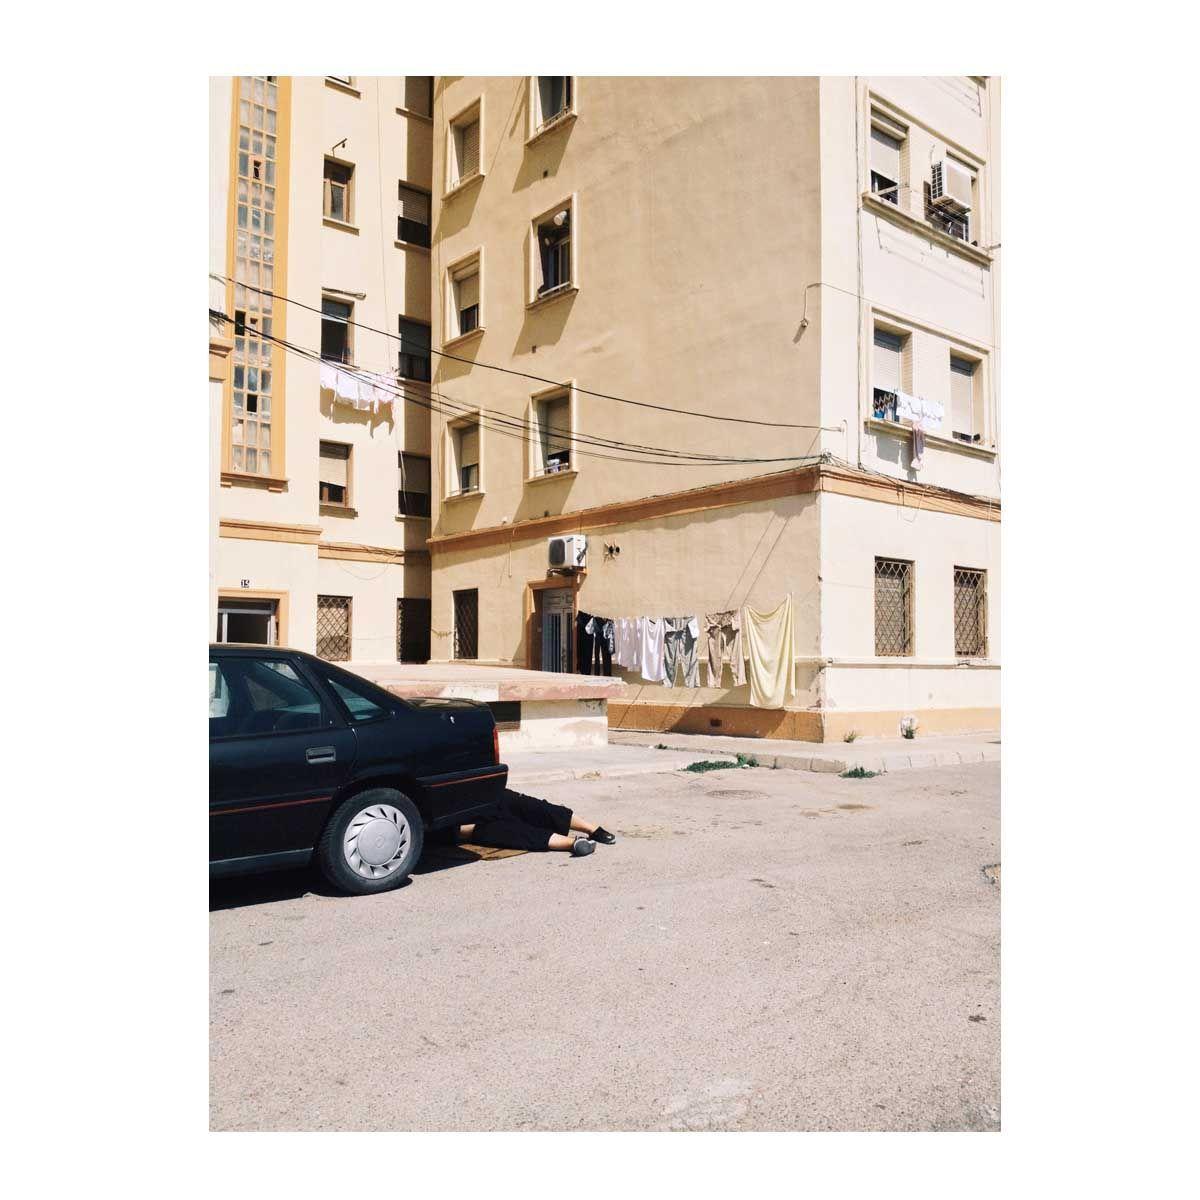 04 Adrian Morillo Levante